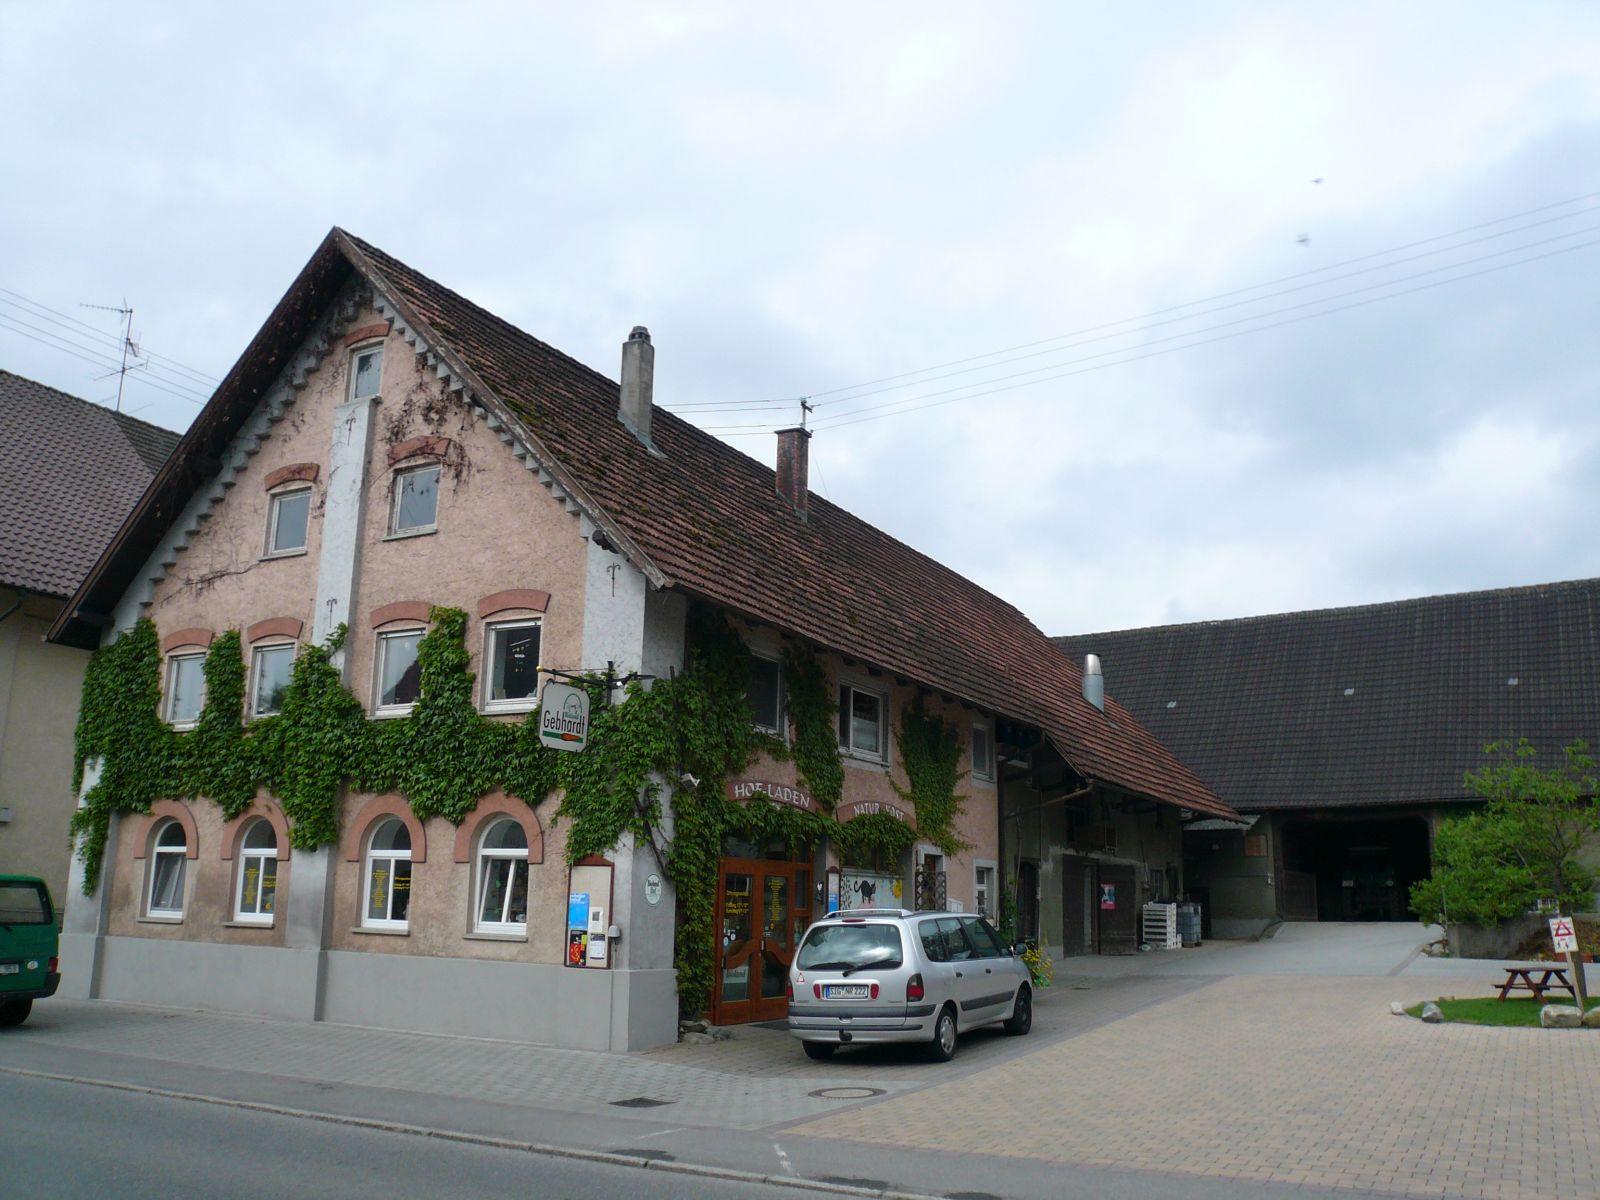 Haus und Hof (36)